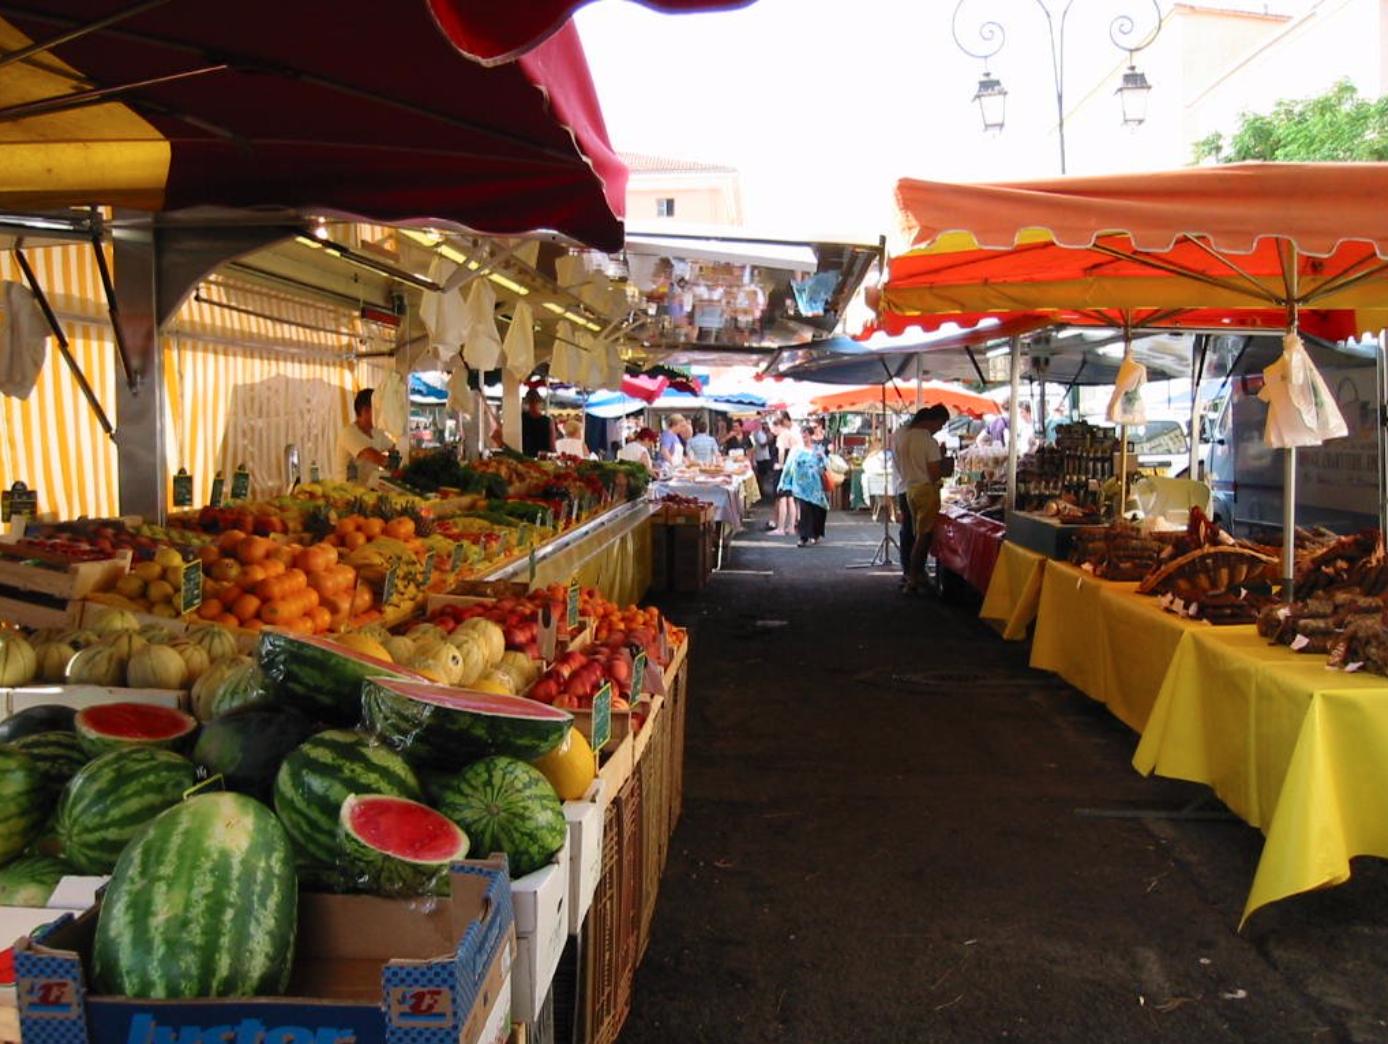 1_Ajaccio-Le-marché-central-Capture-d'écran-2019-05-10-à-12.22.40